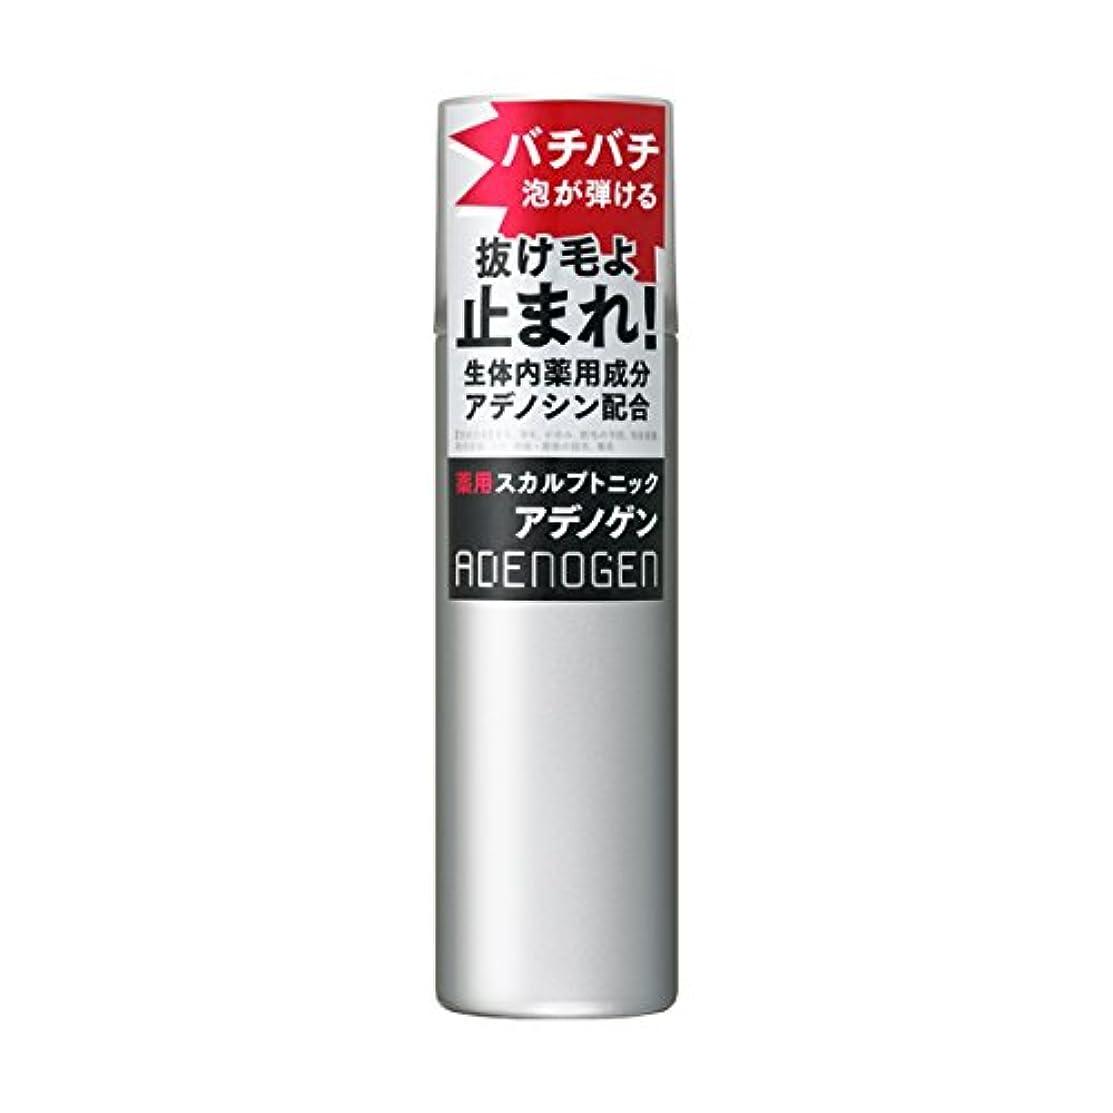 オゾン意欲蓋アデノゲン 薬用スカルプトニック 130g 【医薬部外品】